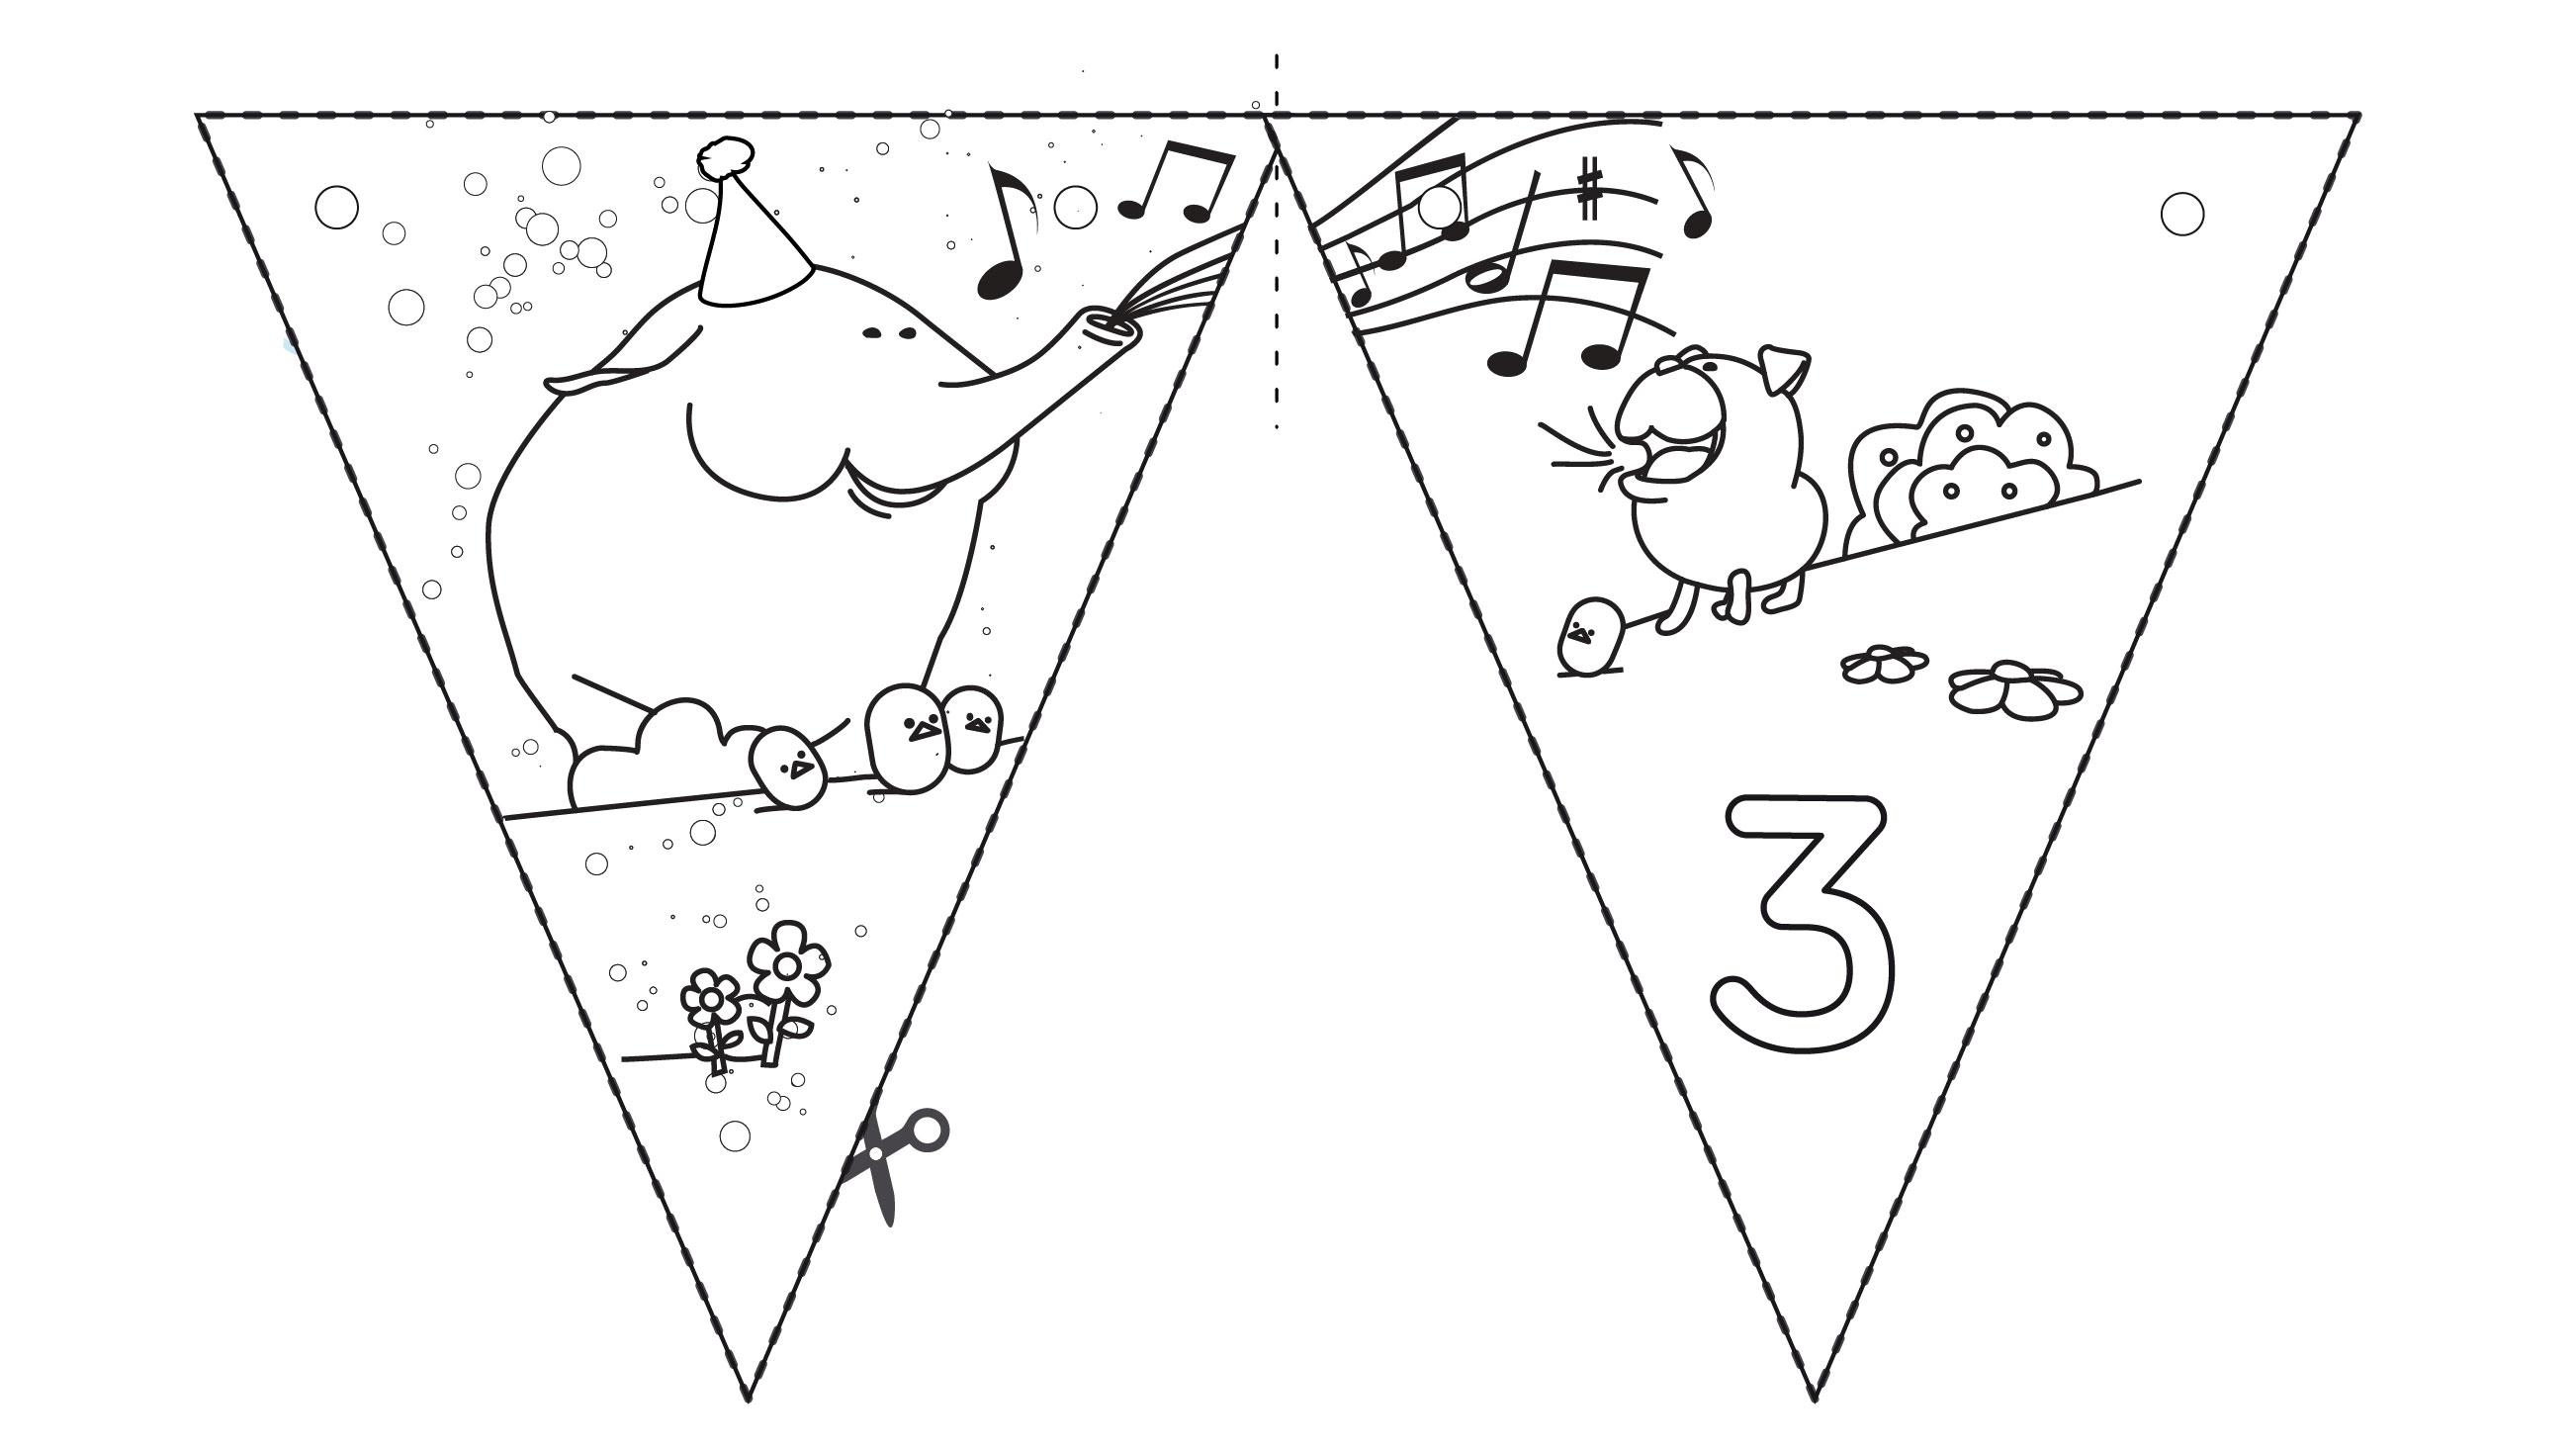 Npo zappelin outline slinger 03